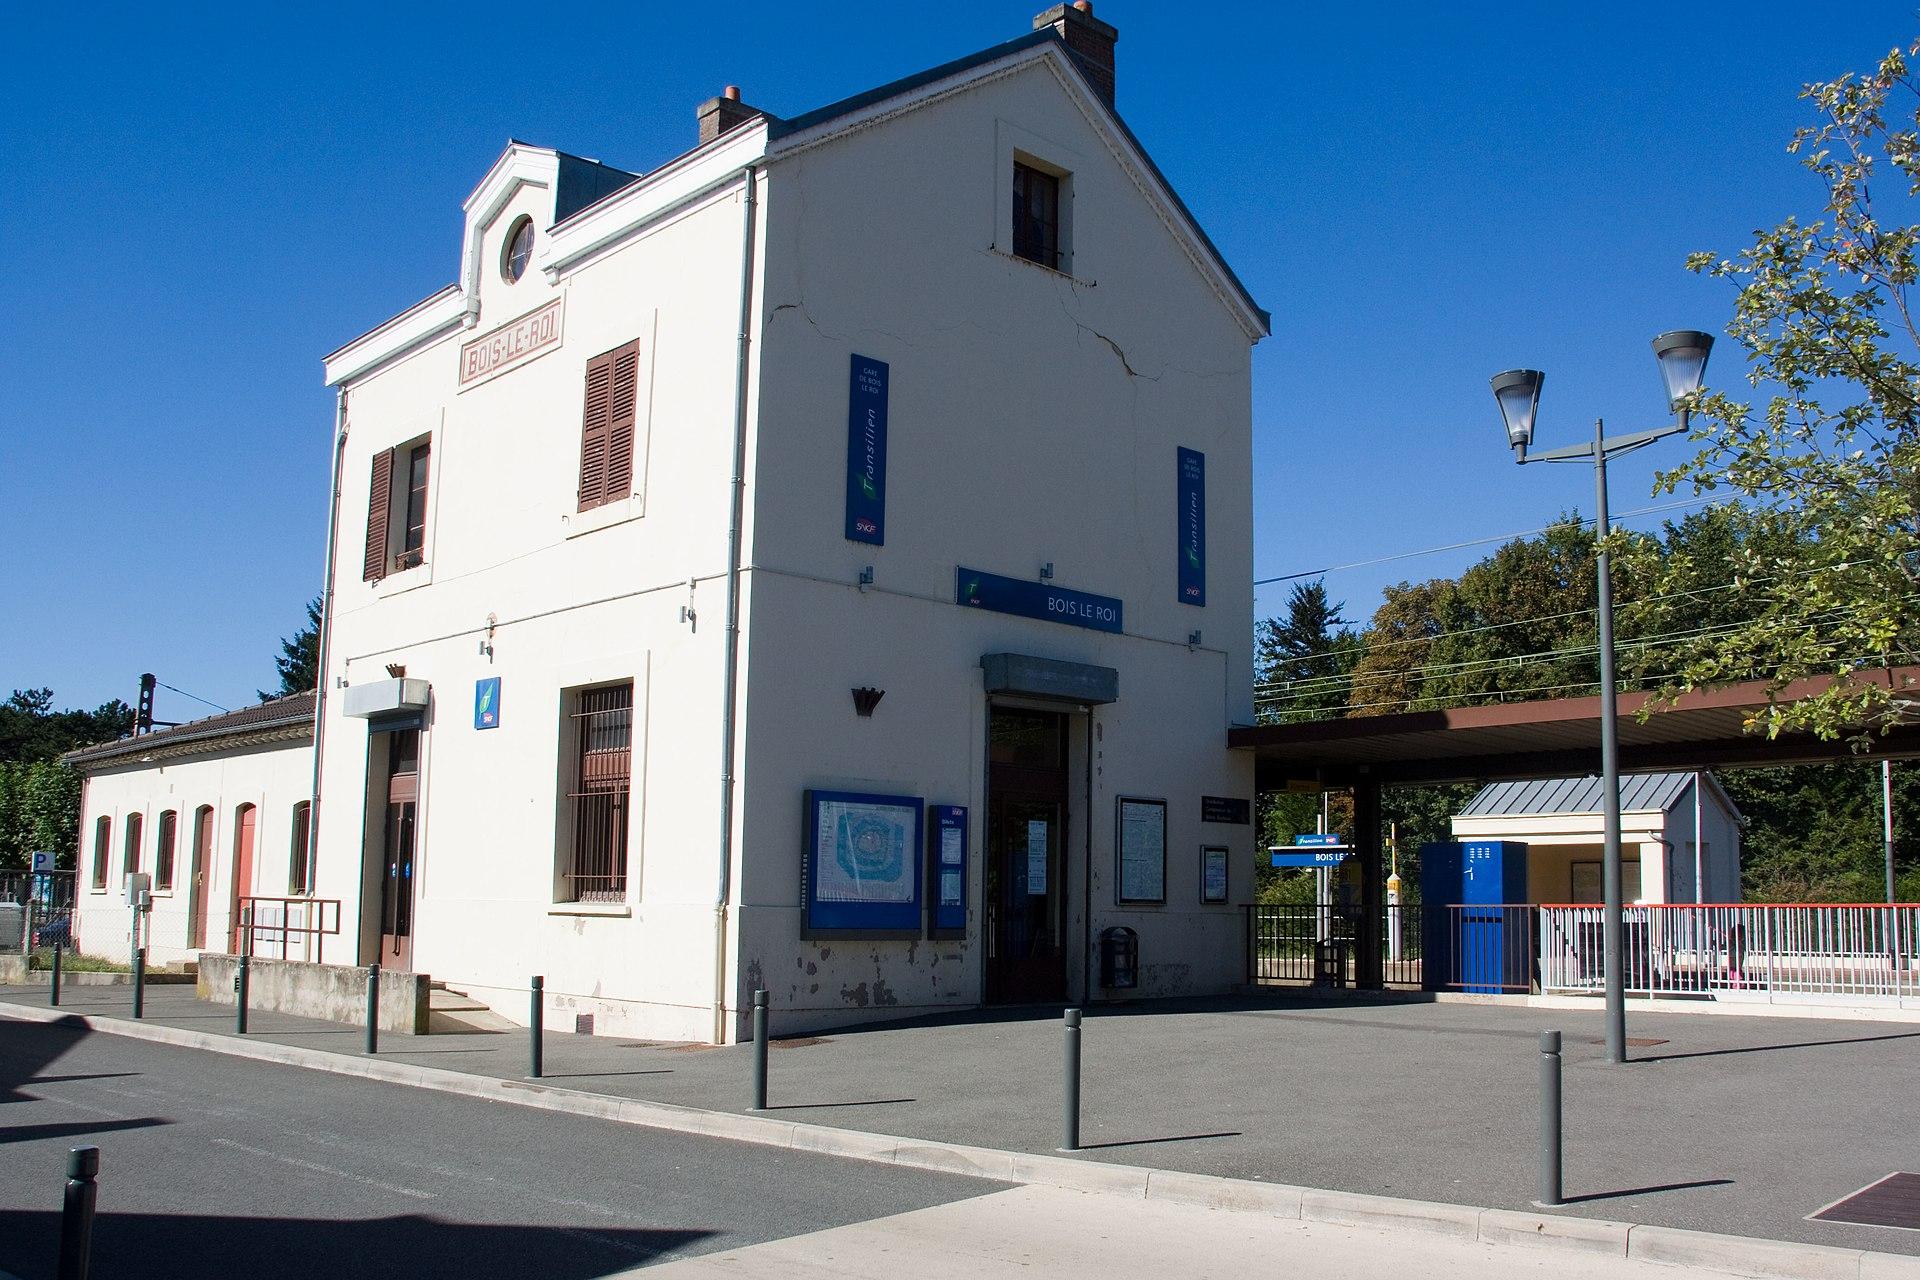 Gare de Bois le Roi u2014 Wikipédia # Triathlon Bois Le Roi